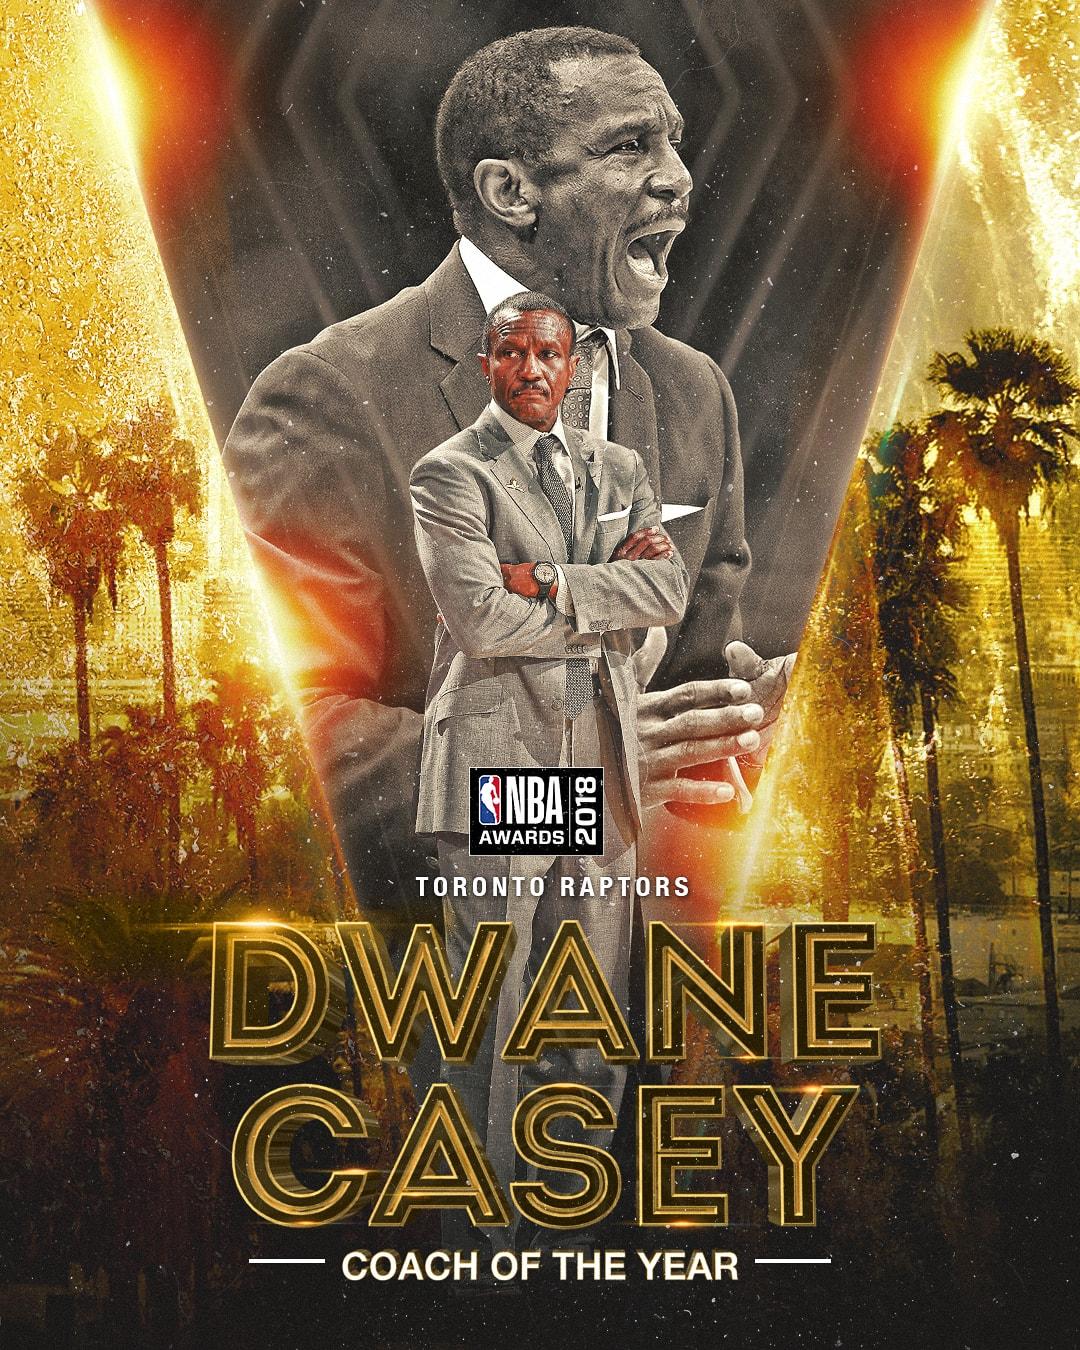 NBA Awards NBA Coach of the Year Award - Dwane Casey